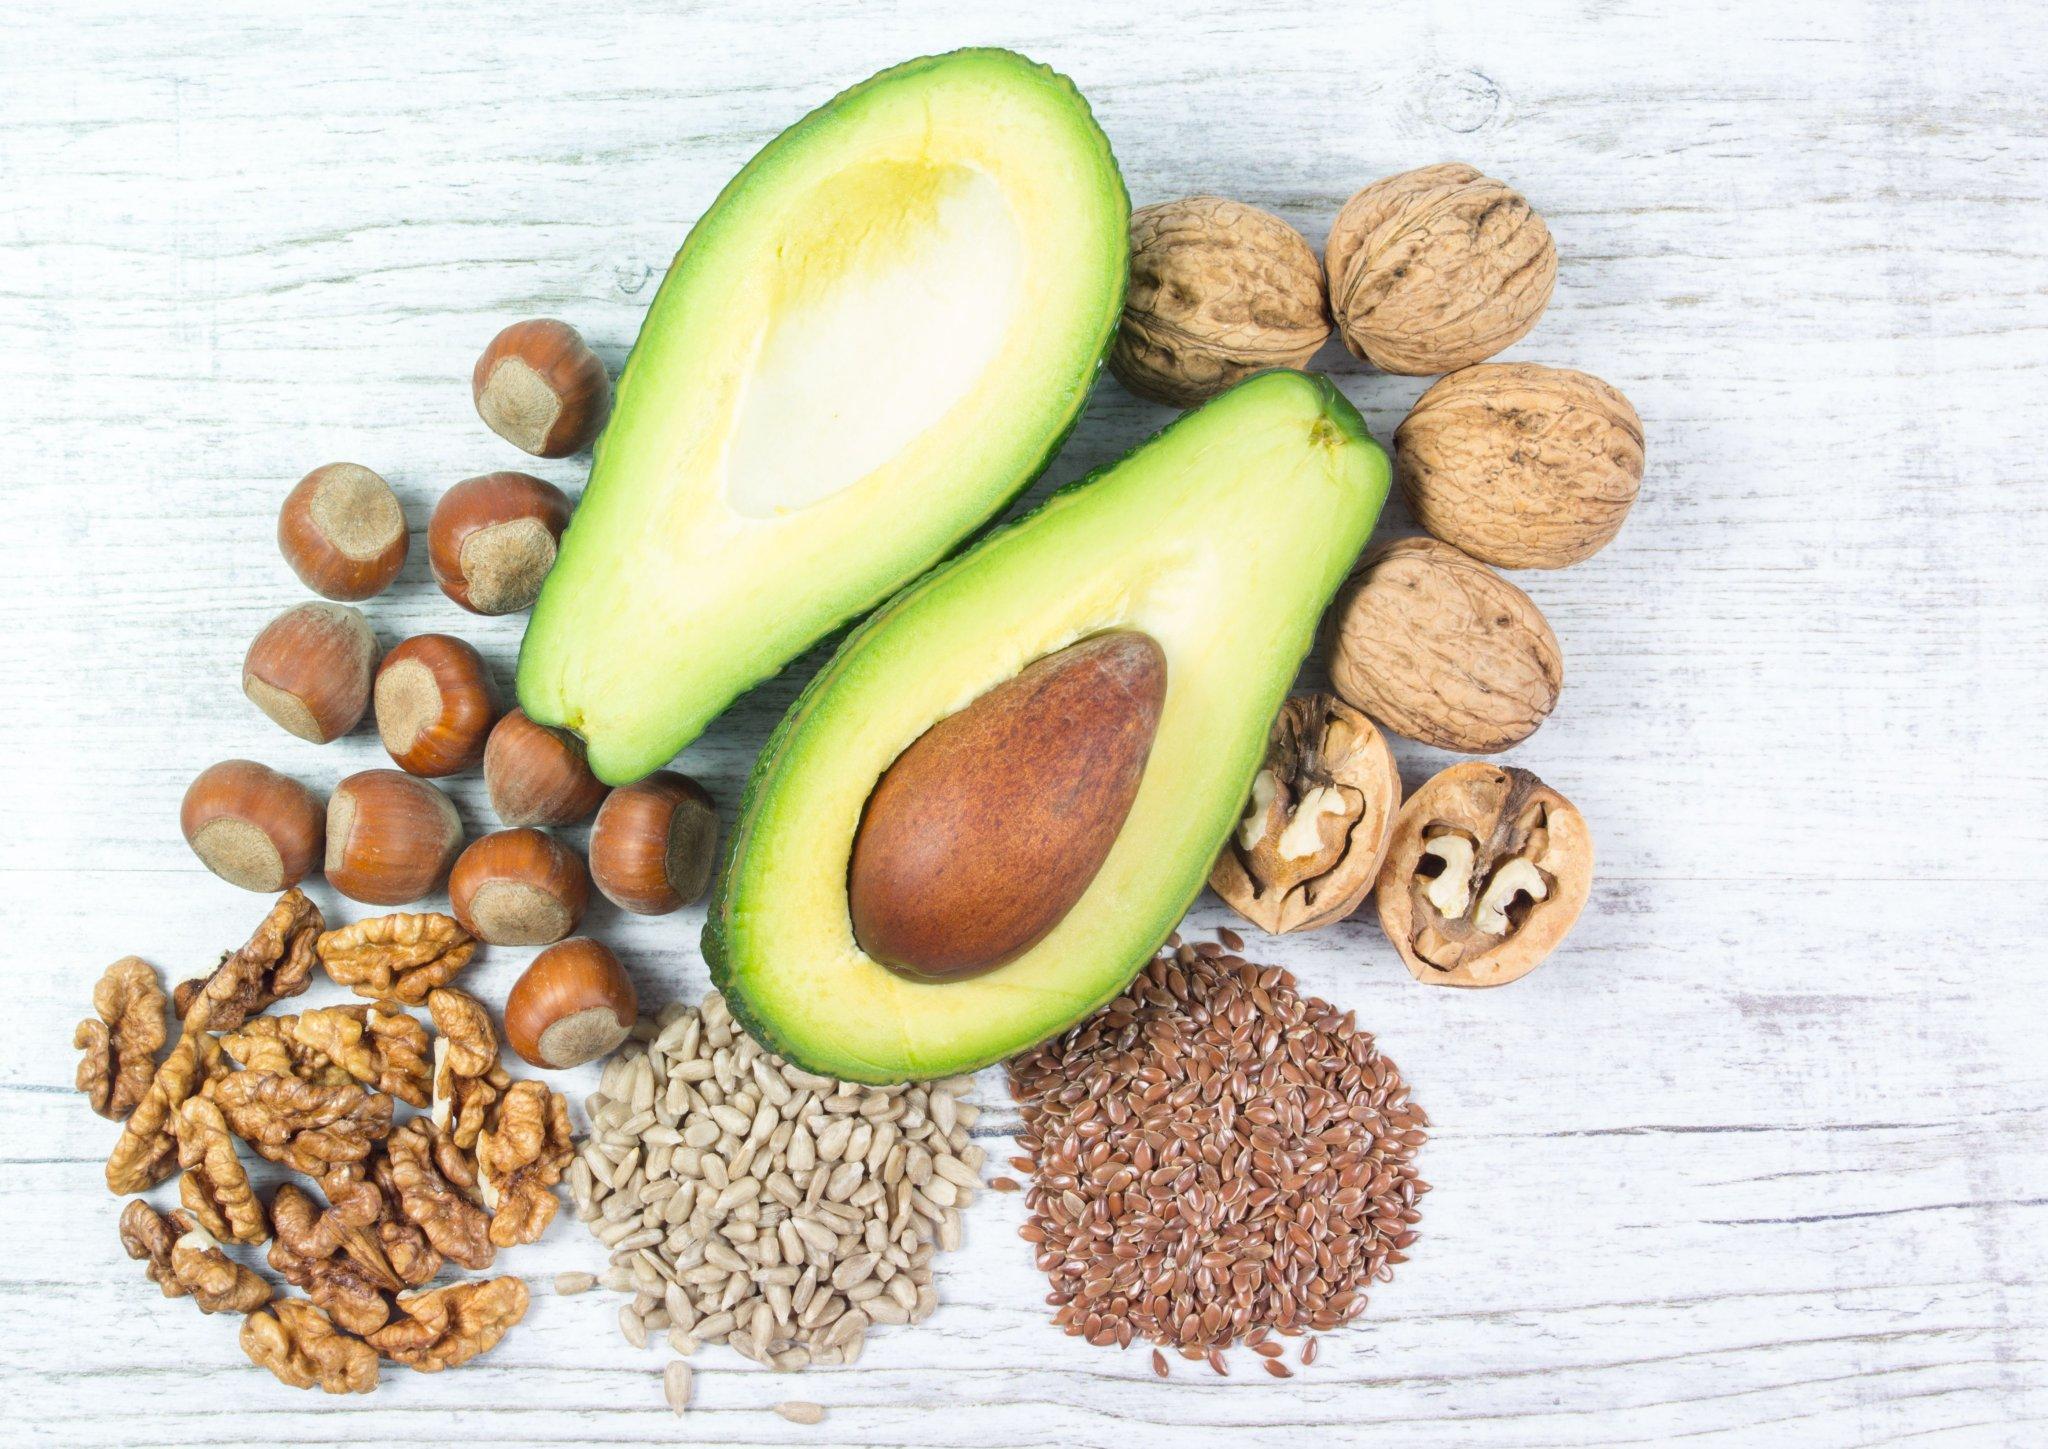 GERD Diet: Foods to Help With Acid Reflux